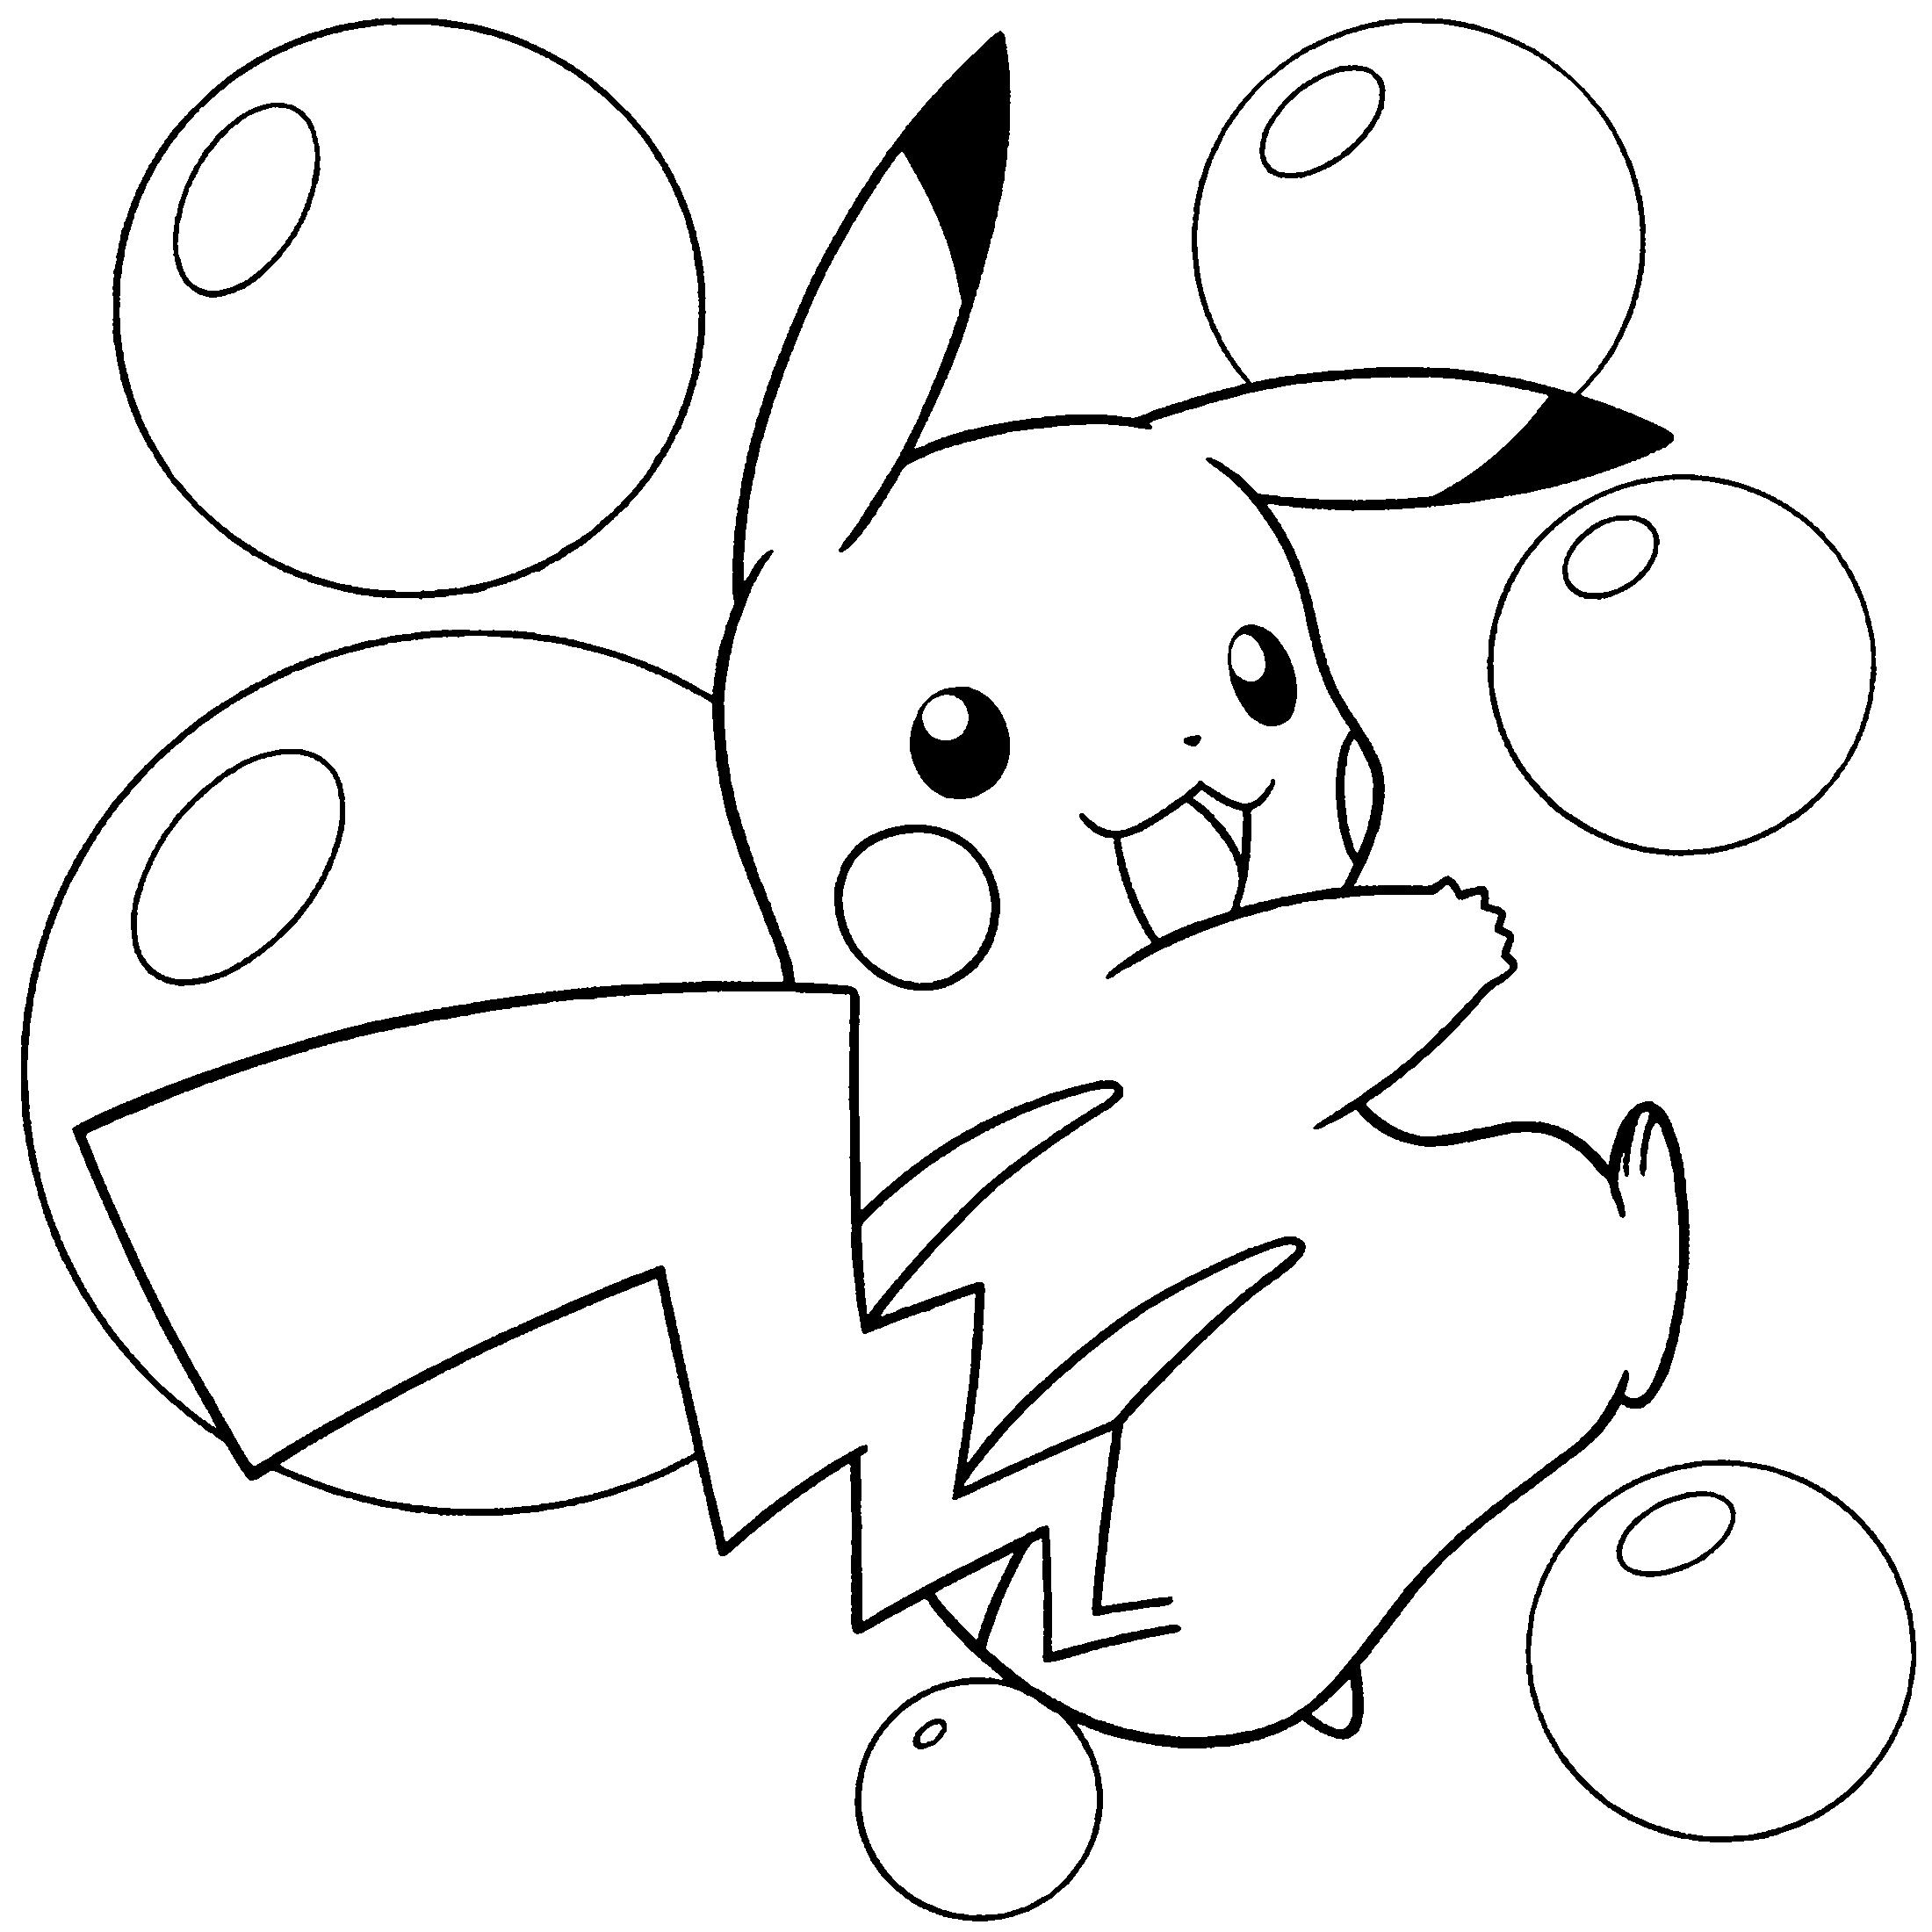 Mẫu tranh tô màu pokemon đẹp nhất cho bé